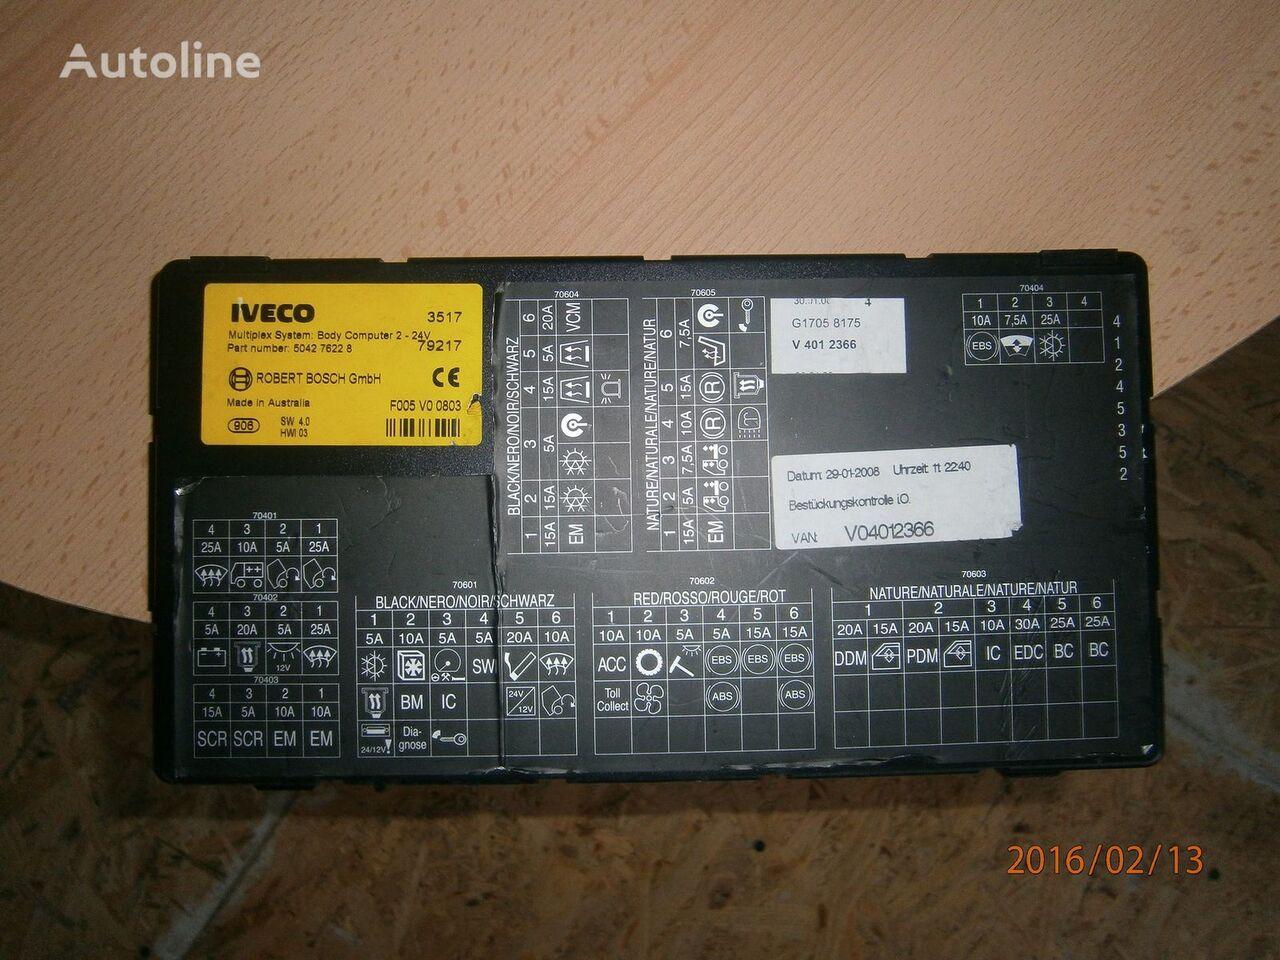 IVECO EURO5 Multiplex system body computer 504276228 besturingseenheid voor IVECO Stralis trekker